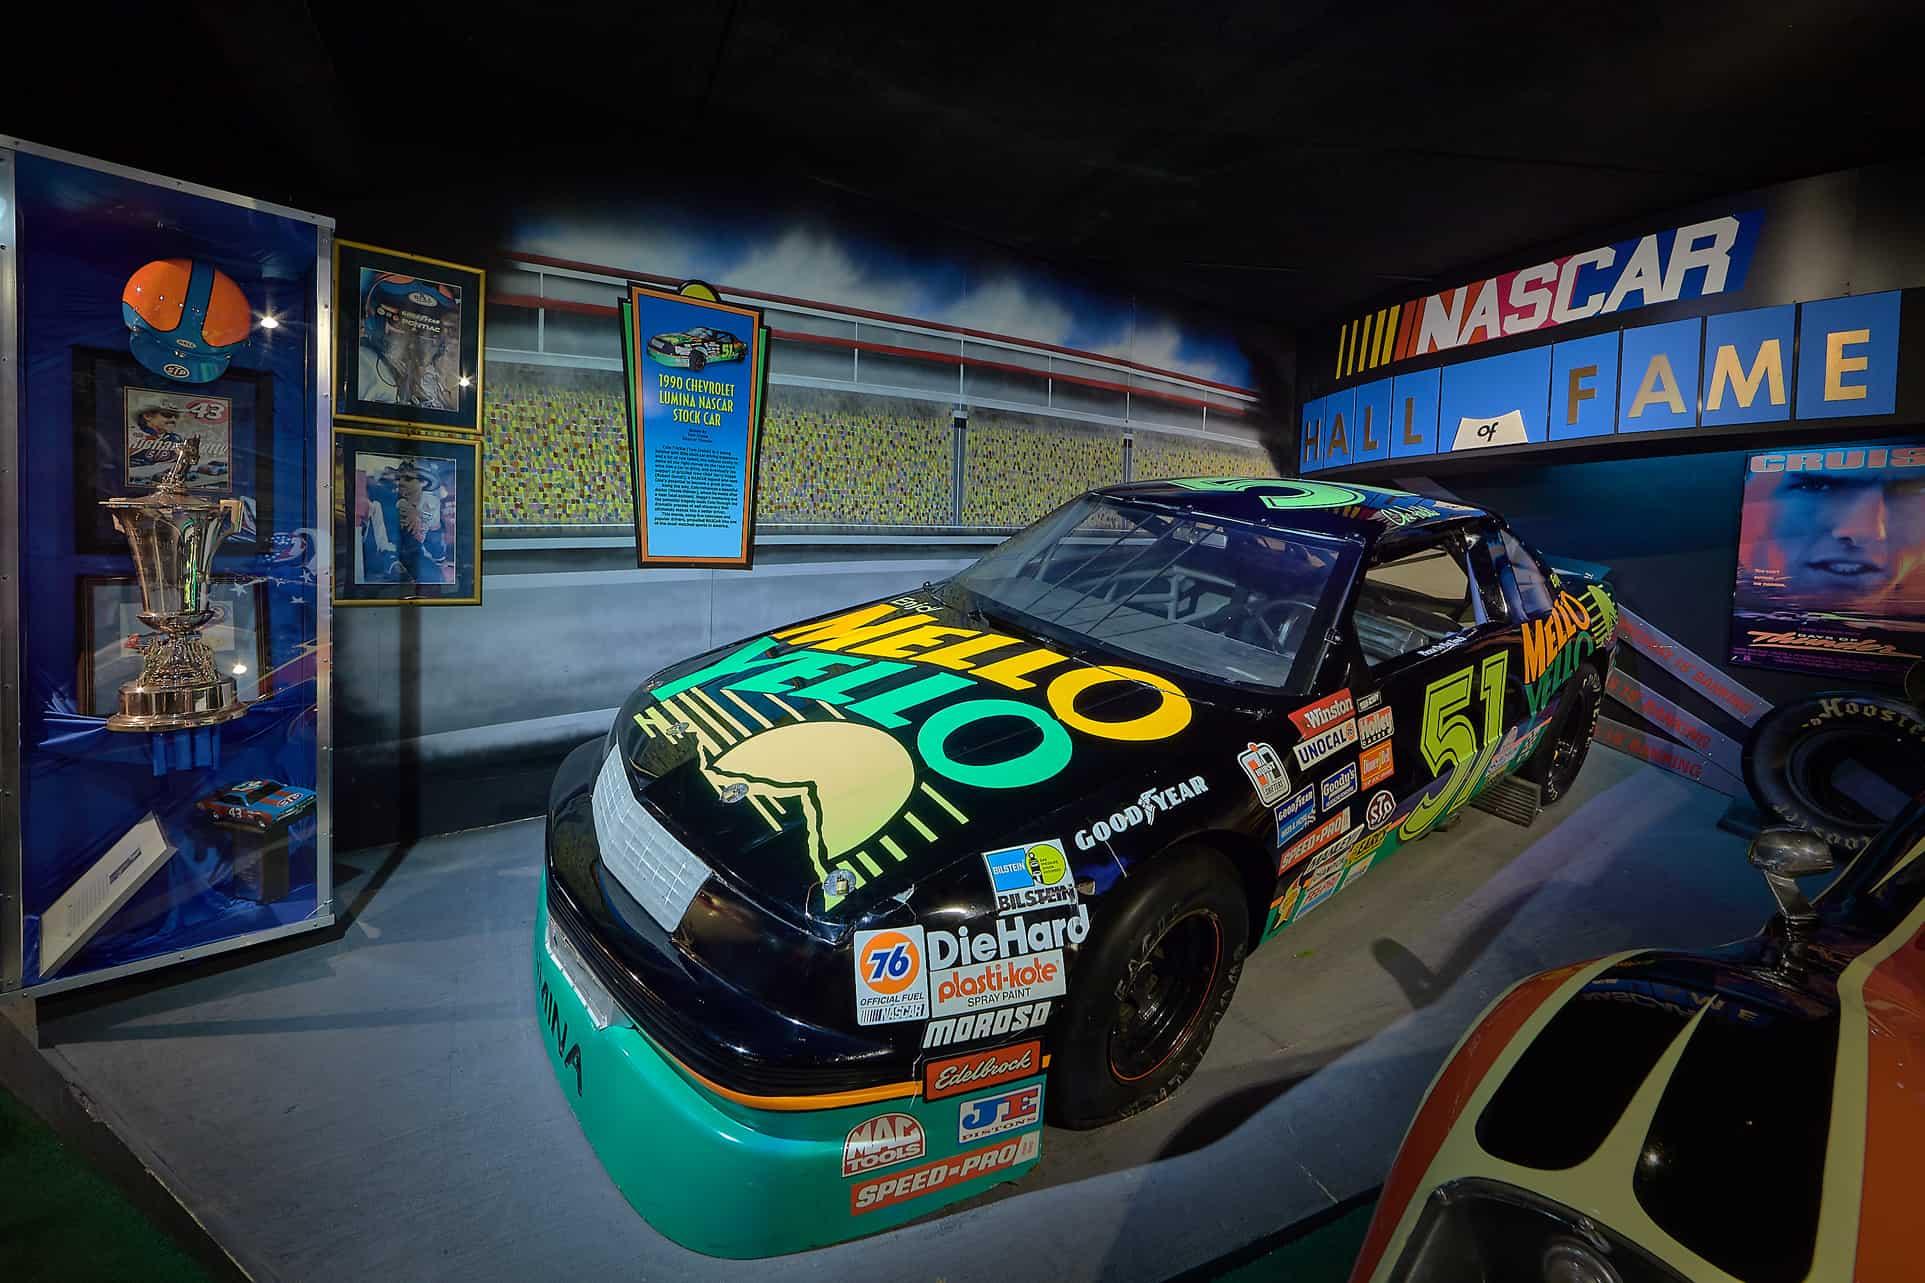 NASCAR mello yello